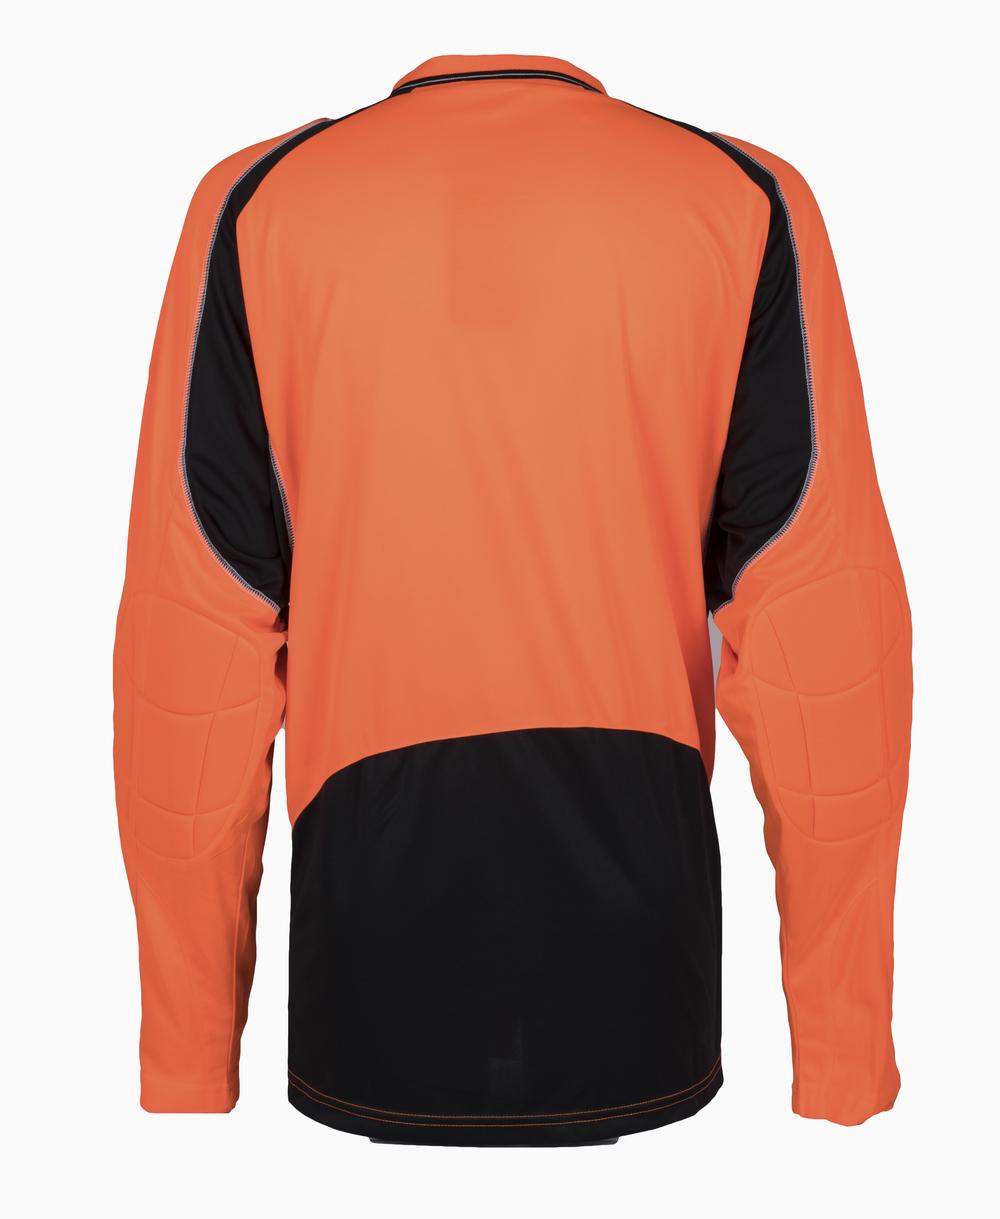 f03a6ba7 customized college custom design football goalkeeper unfiroms goalkeeper  jersey